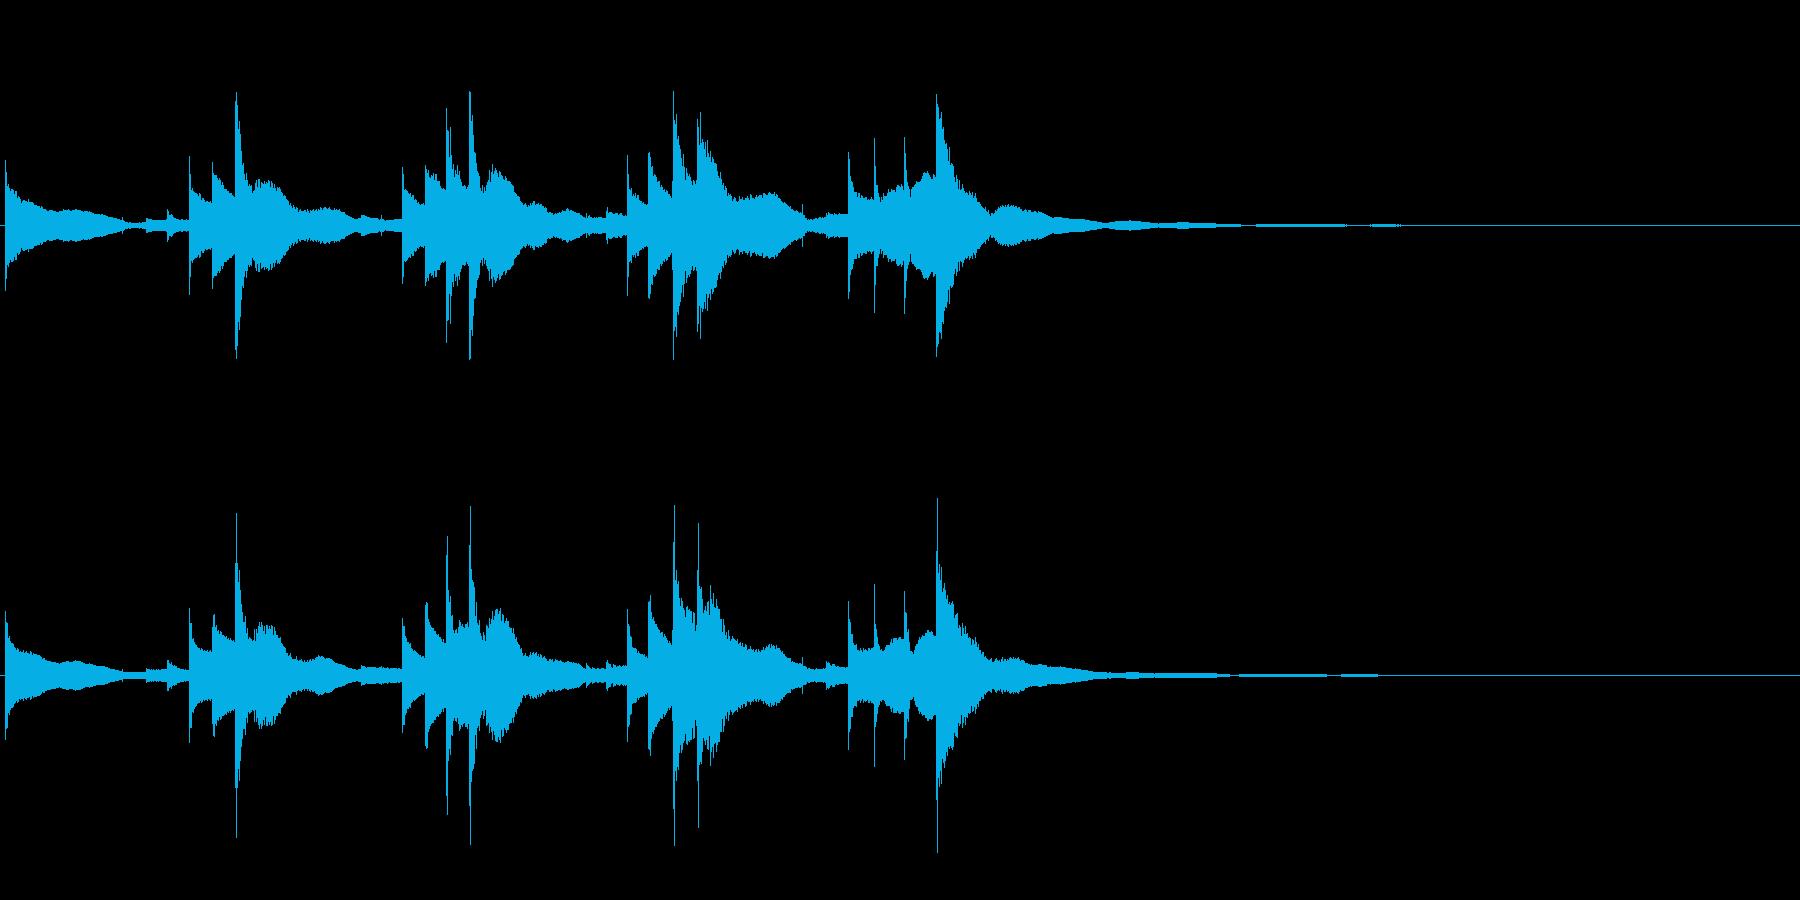 小型の鐘「本つり鐘」のフレーズ音1の再生済みの波形